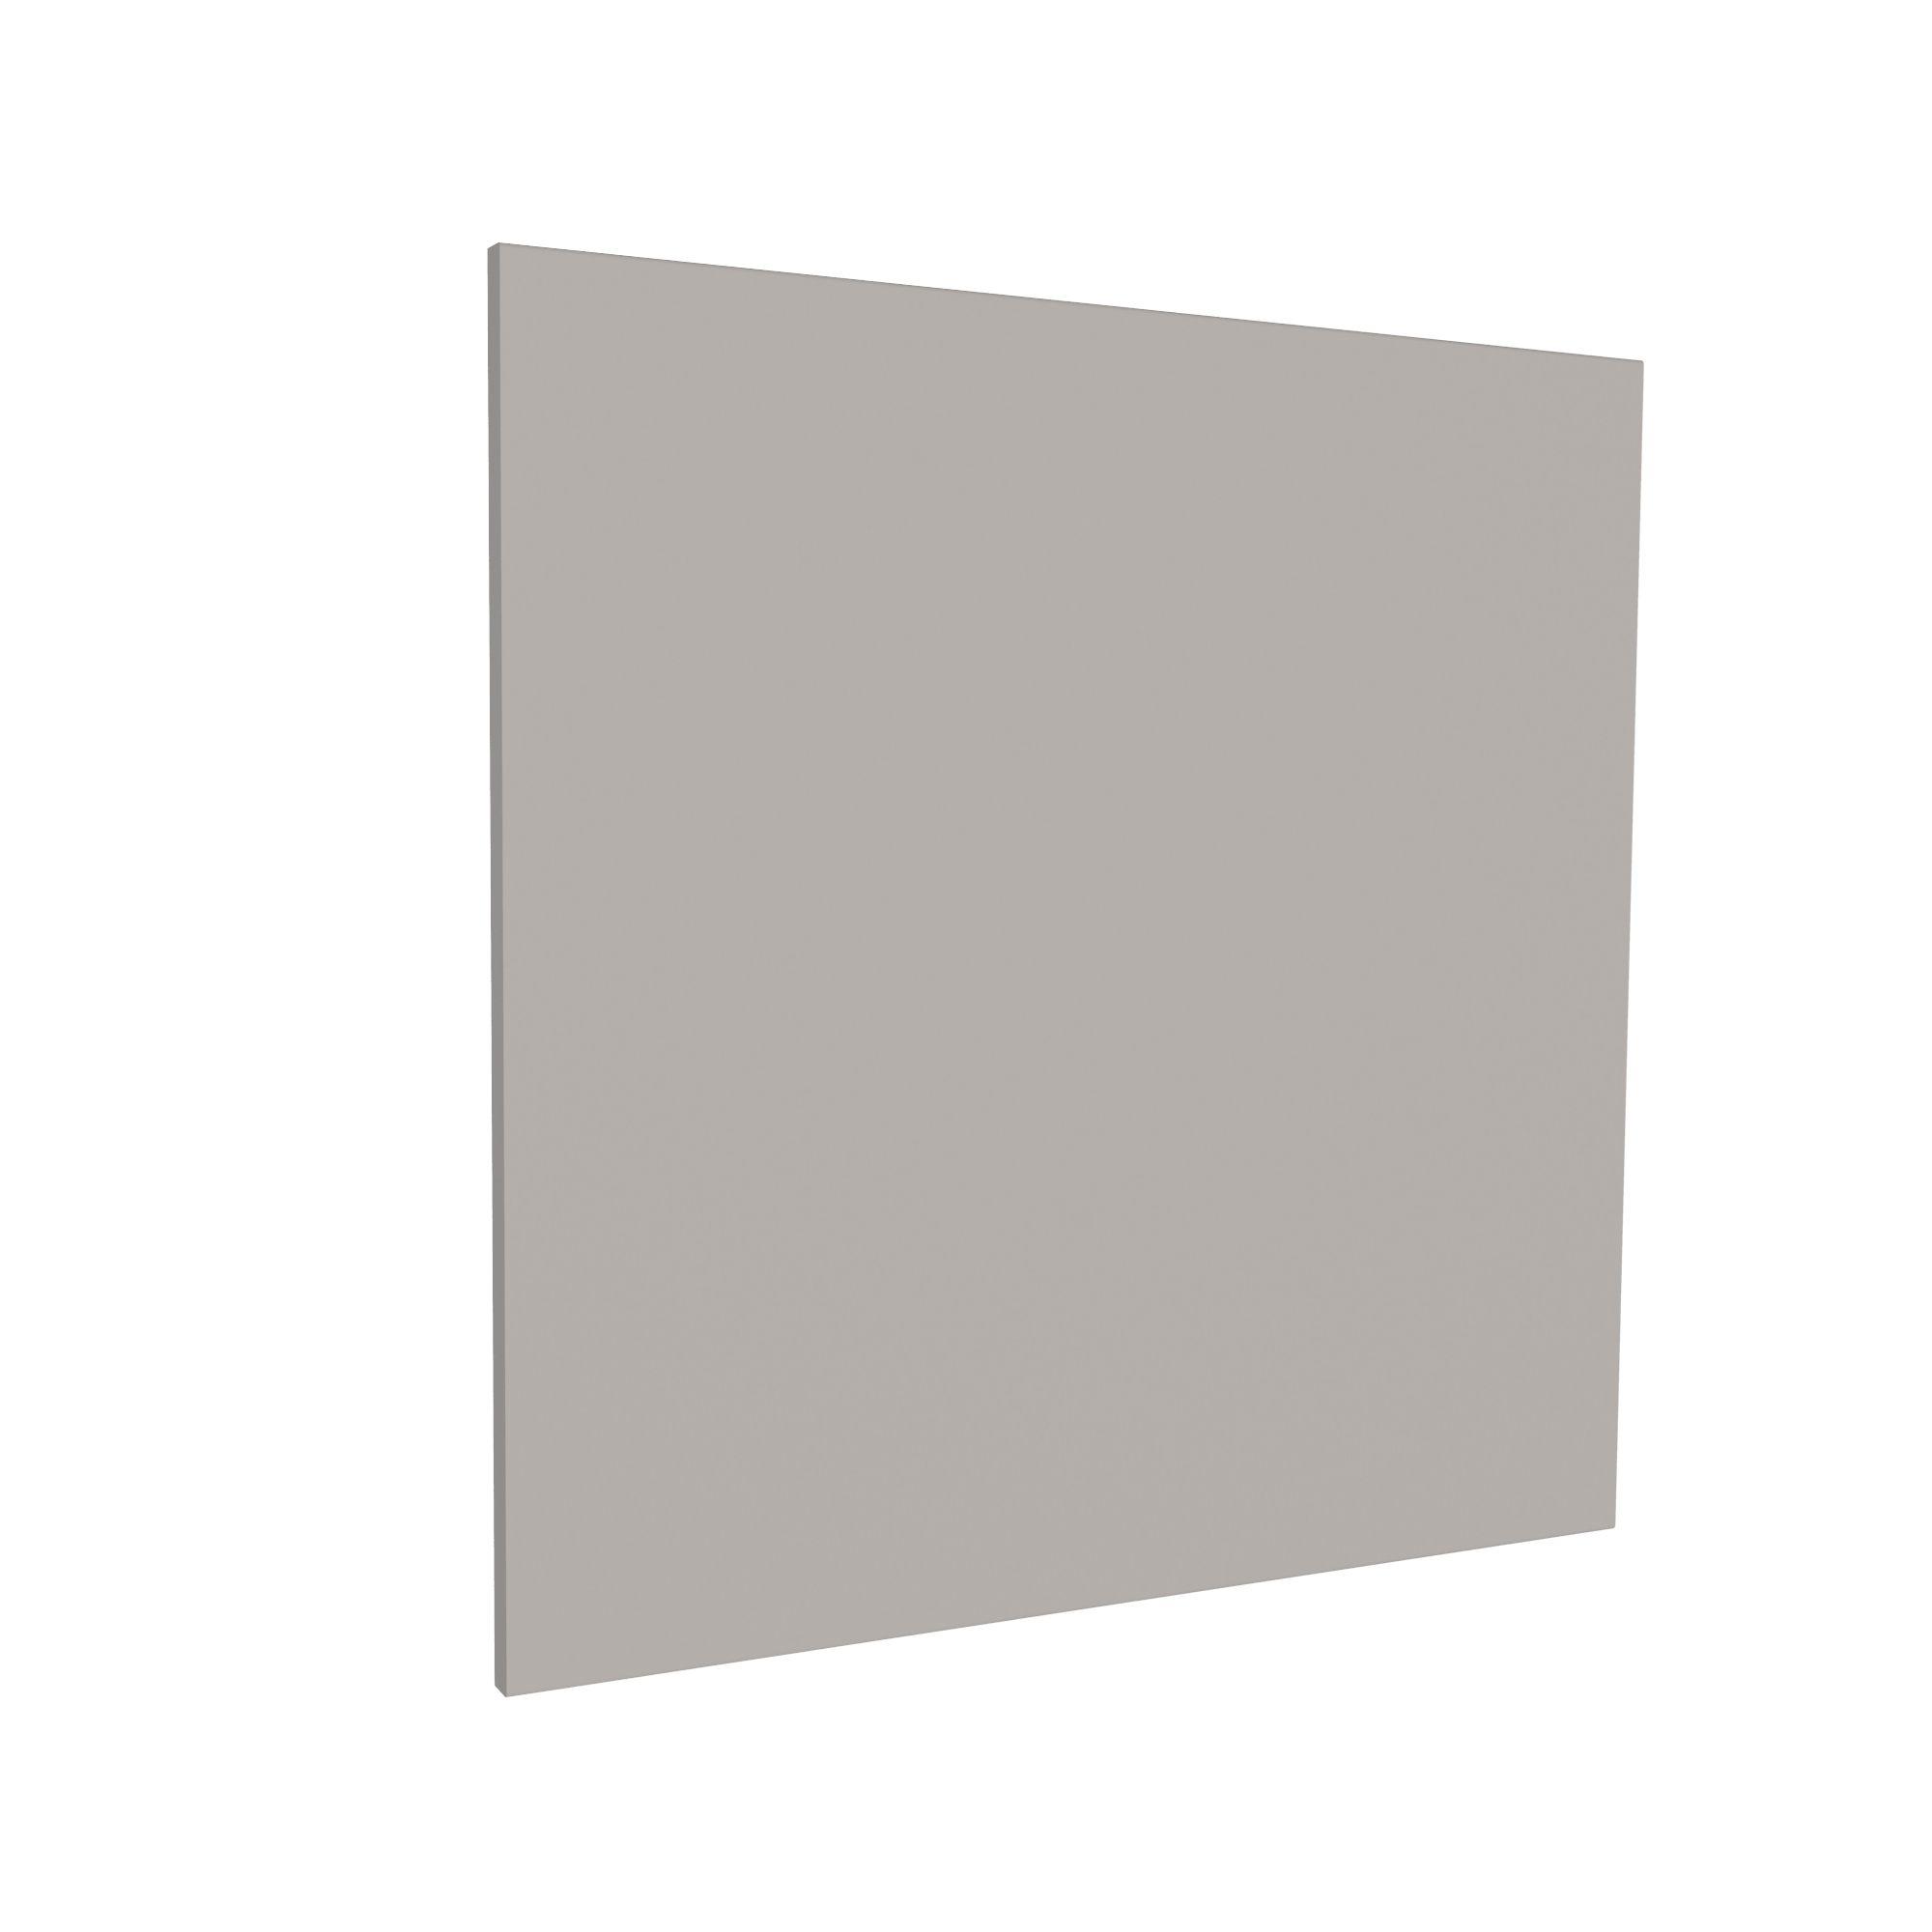 Darwin Modular Grey & Matt Bedside Cabinet Door (h)478mm (w)497mm (d)16mm